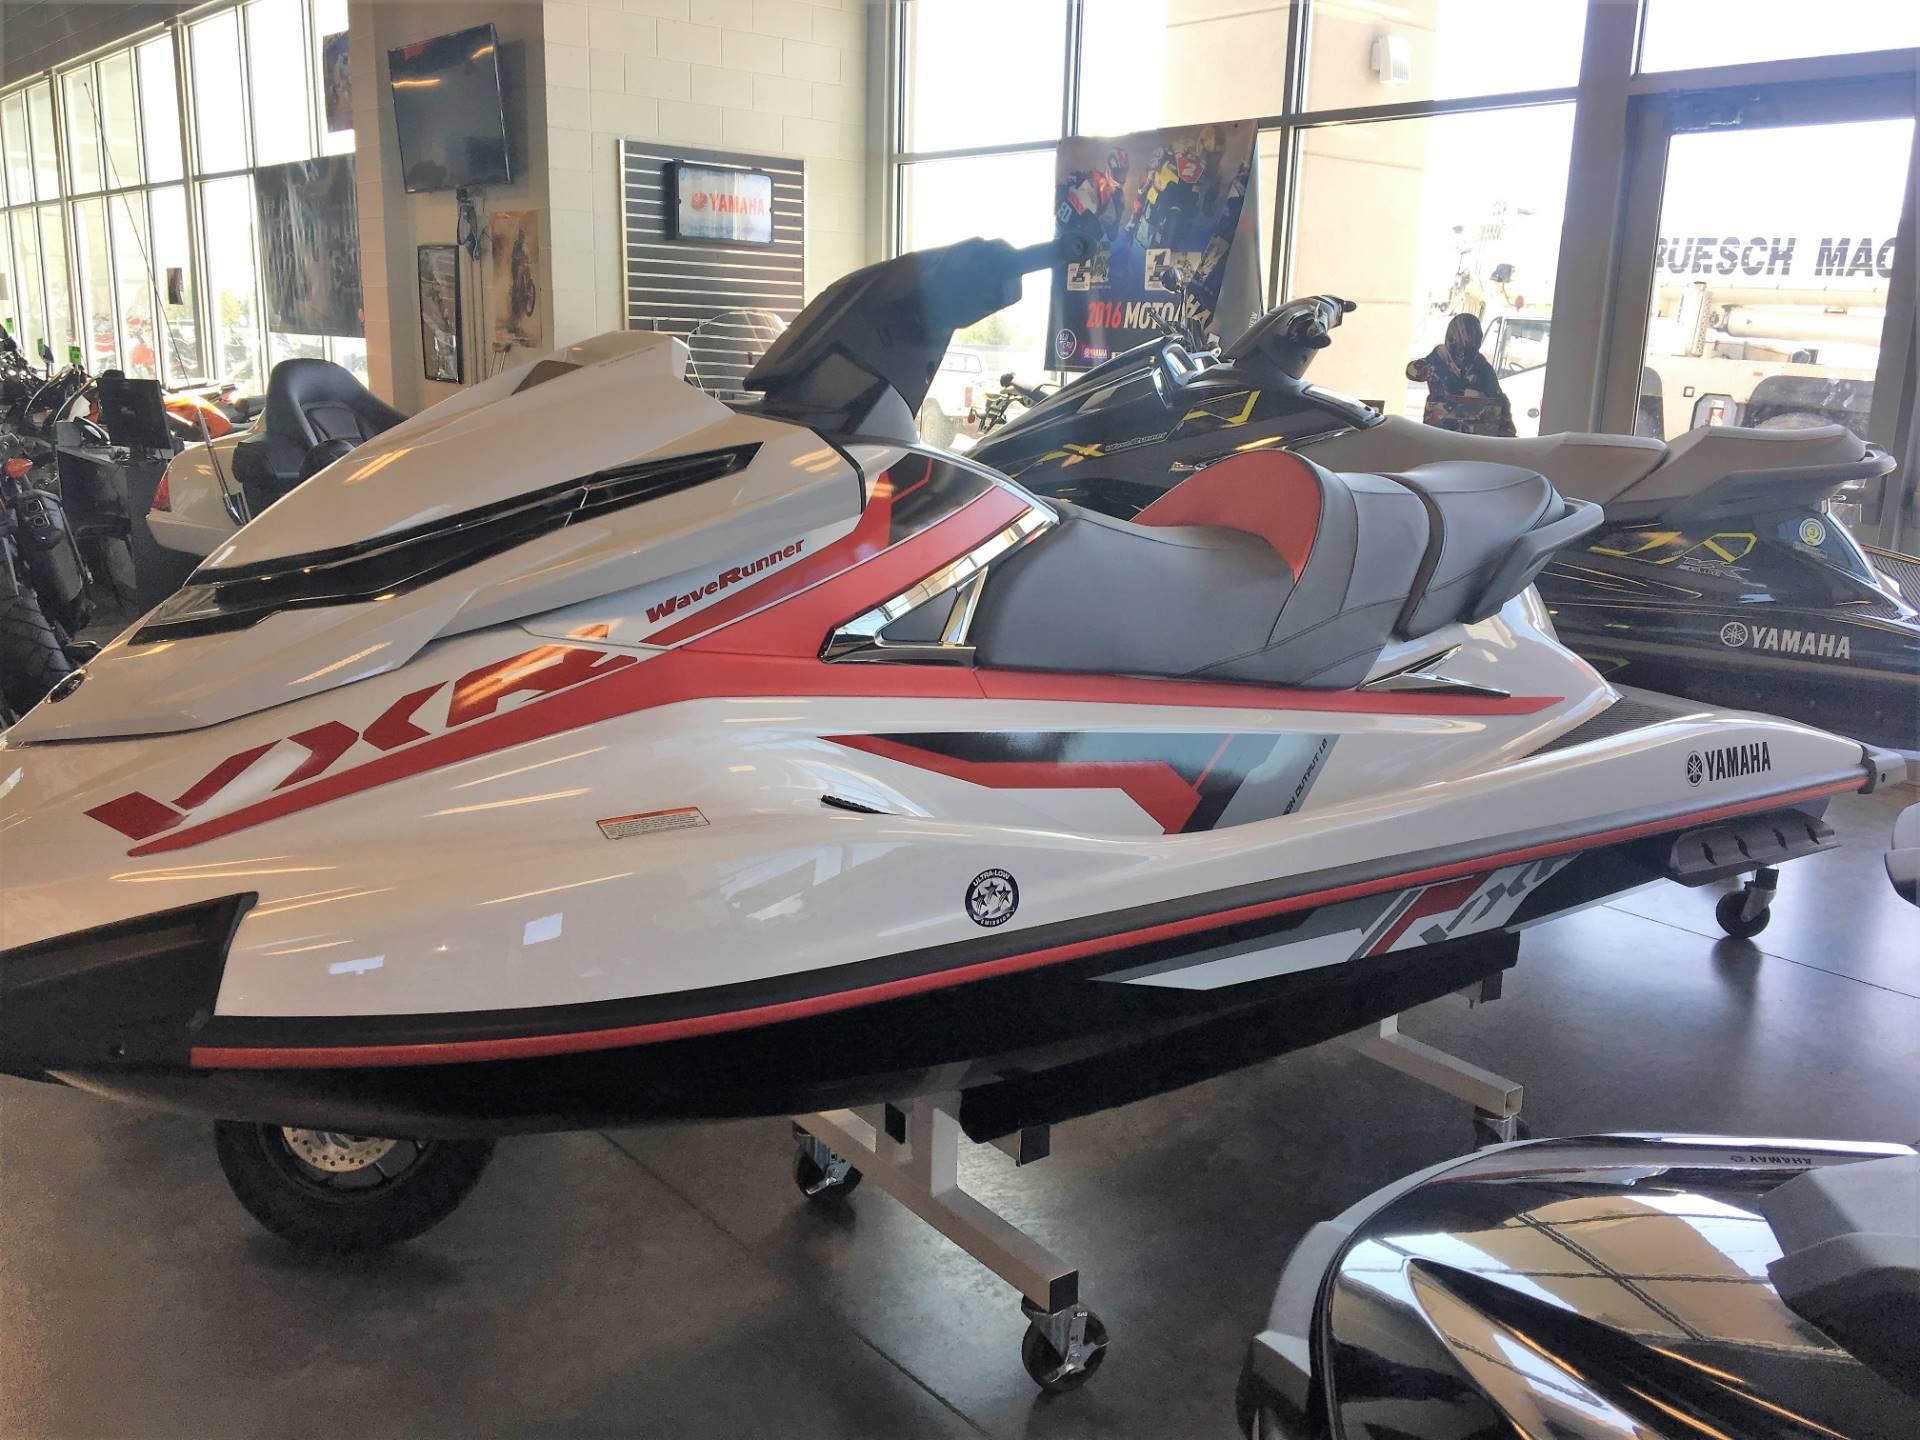 2016 Yamaha VXR for sale 14597